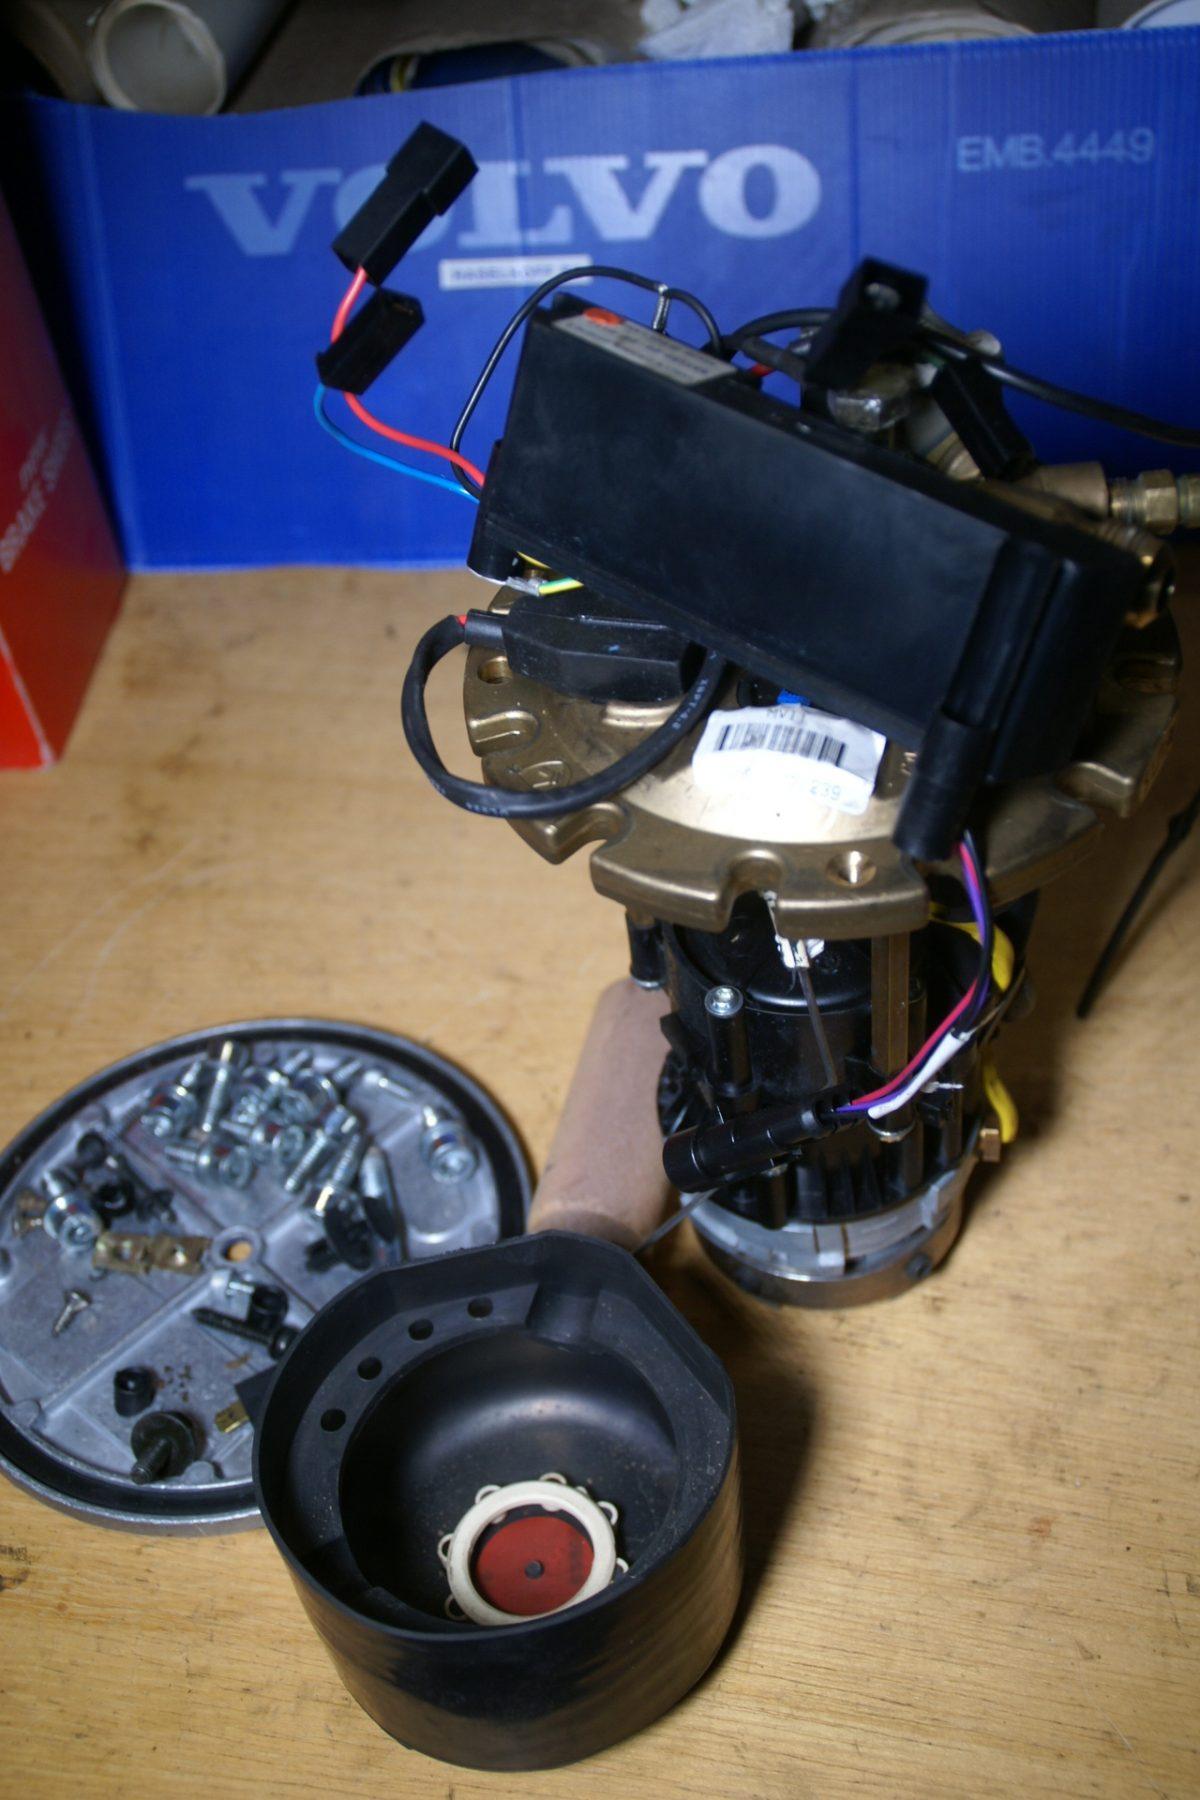 DSC02477 LPG G3 tankpomp 010117